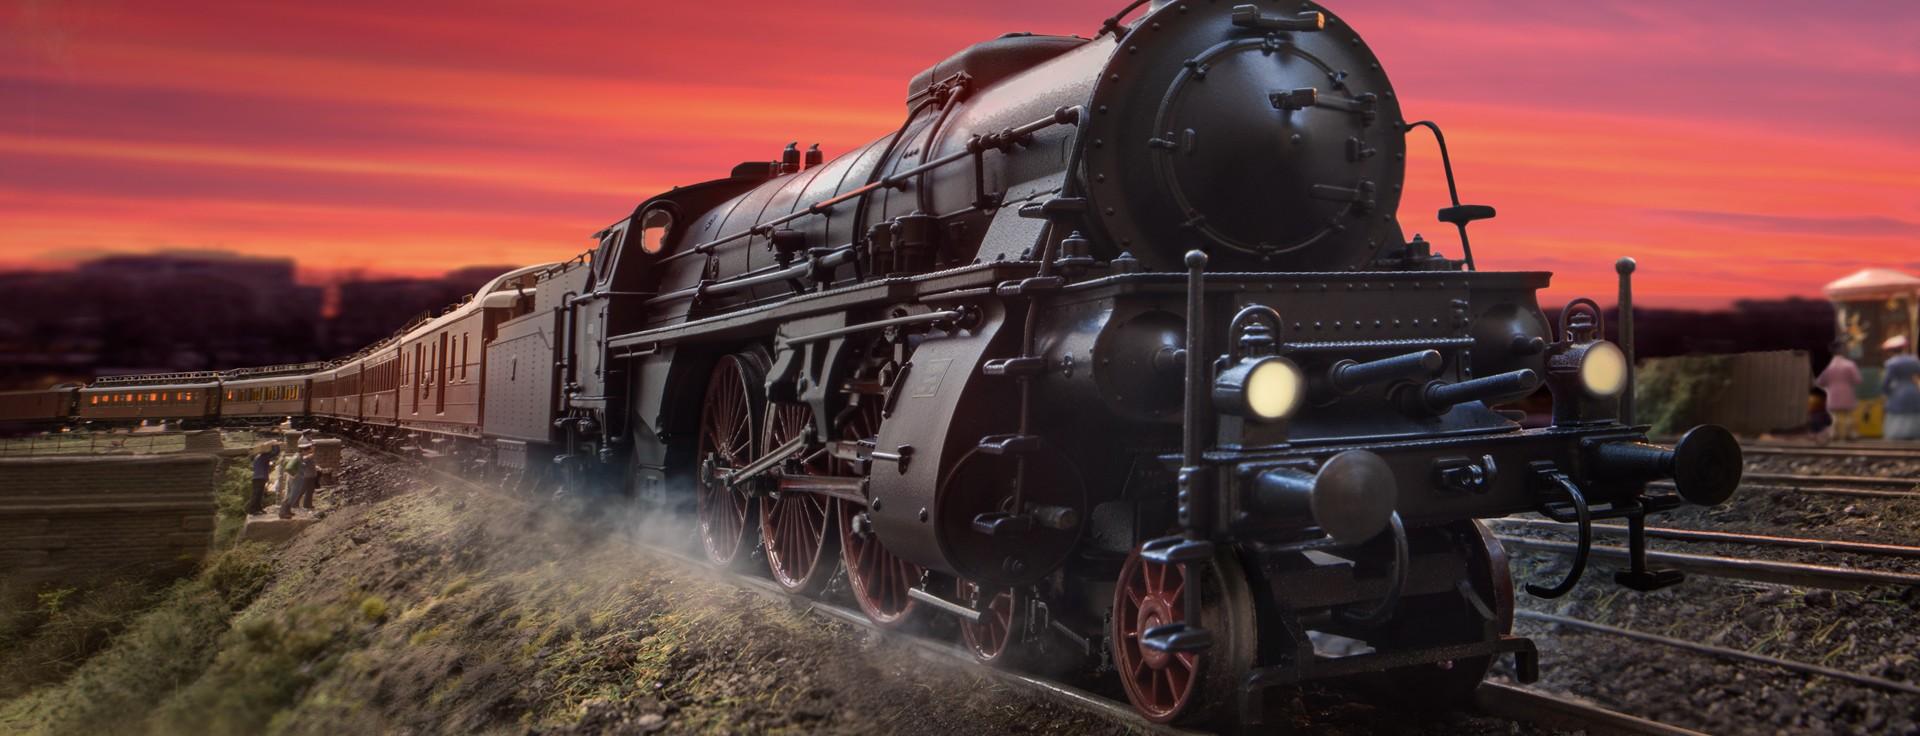 Rongimudelid